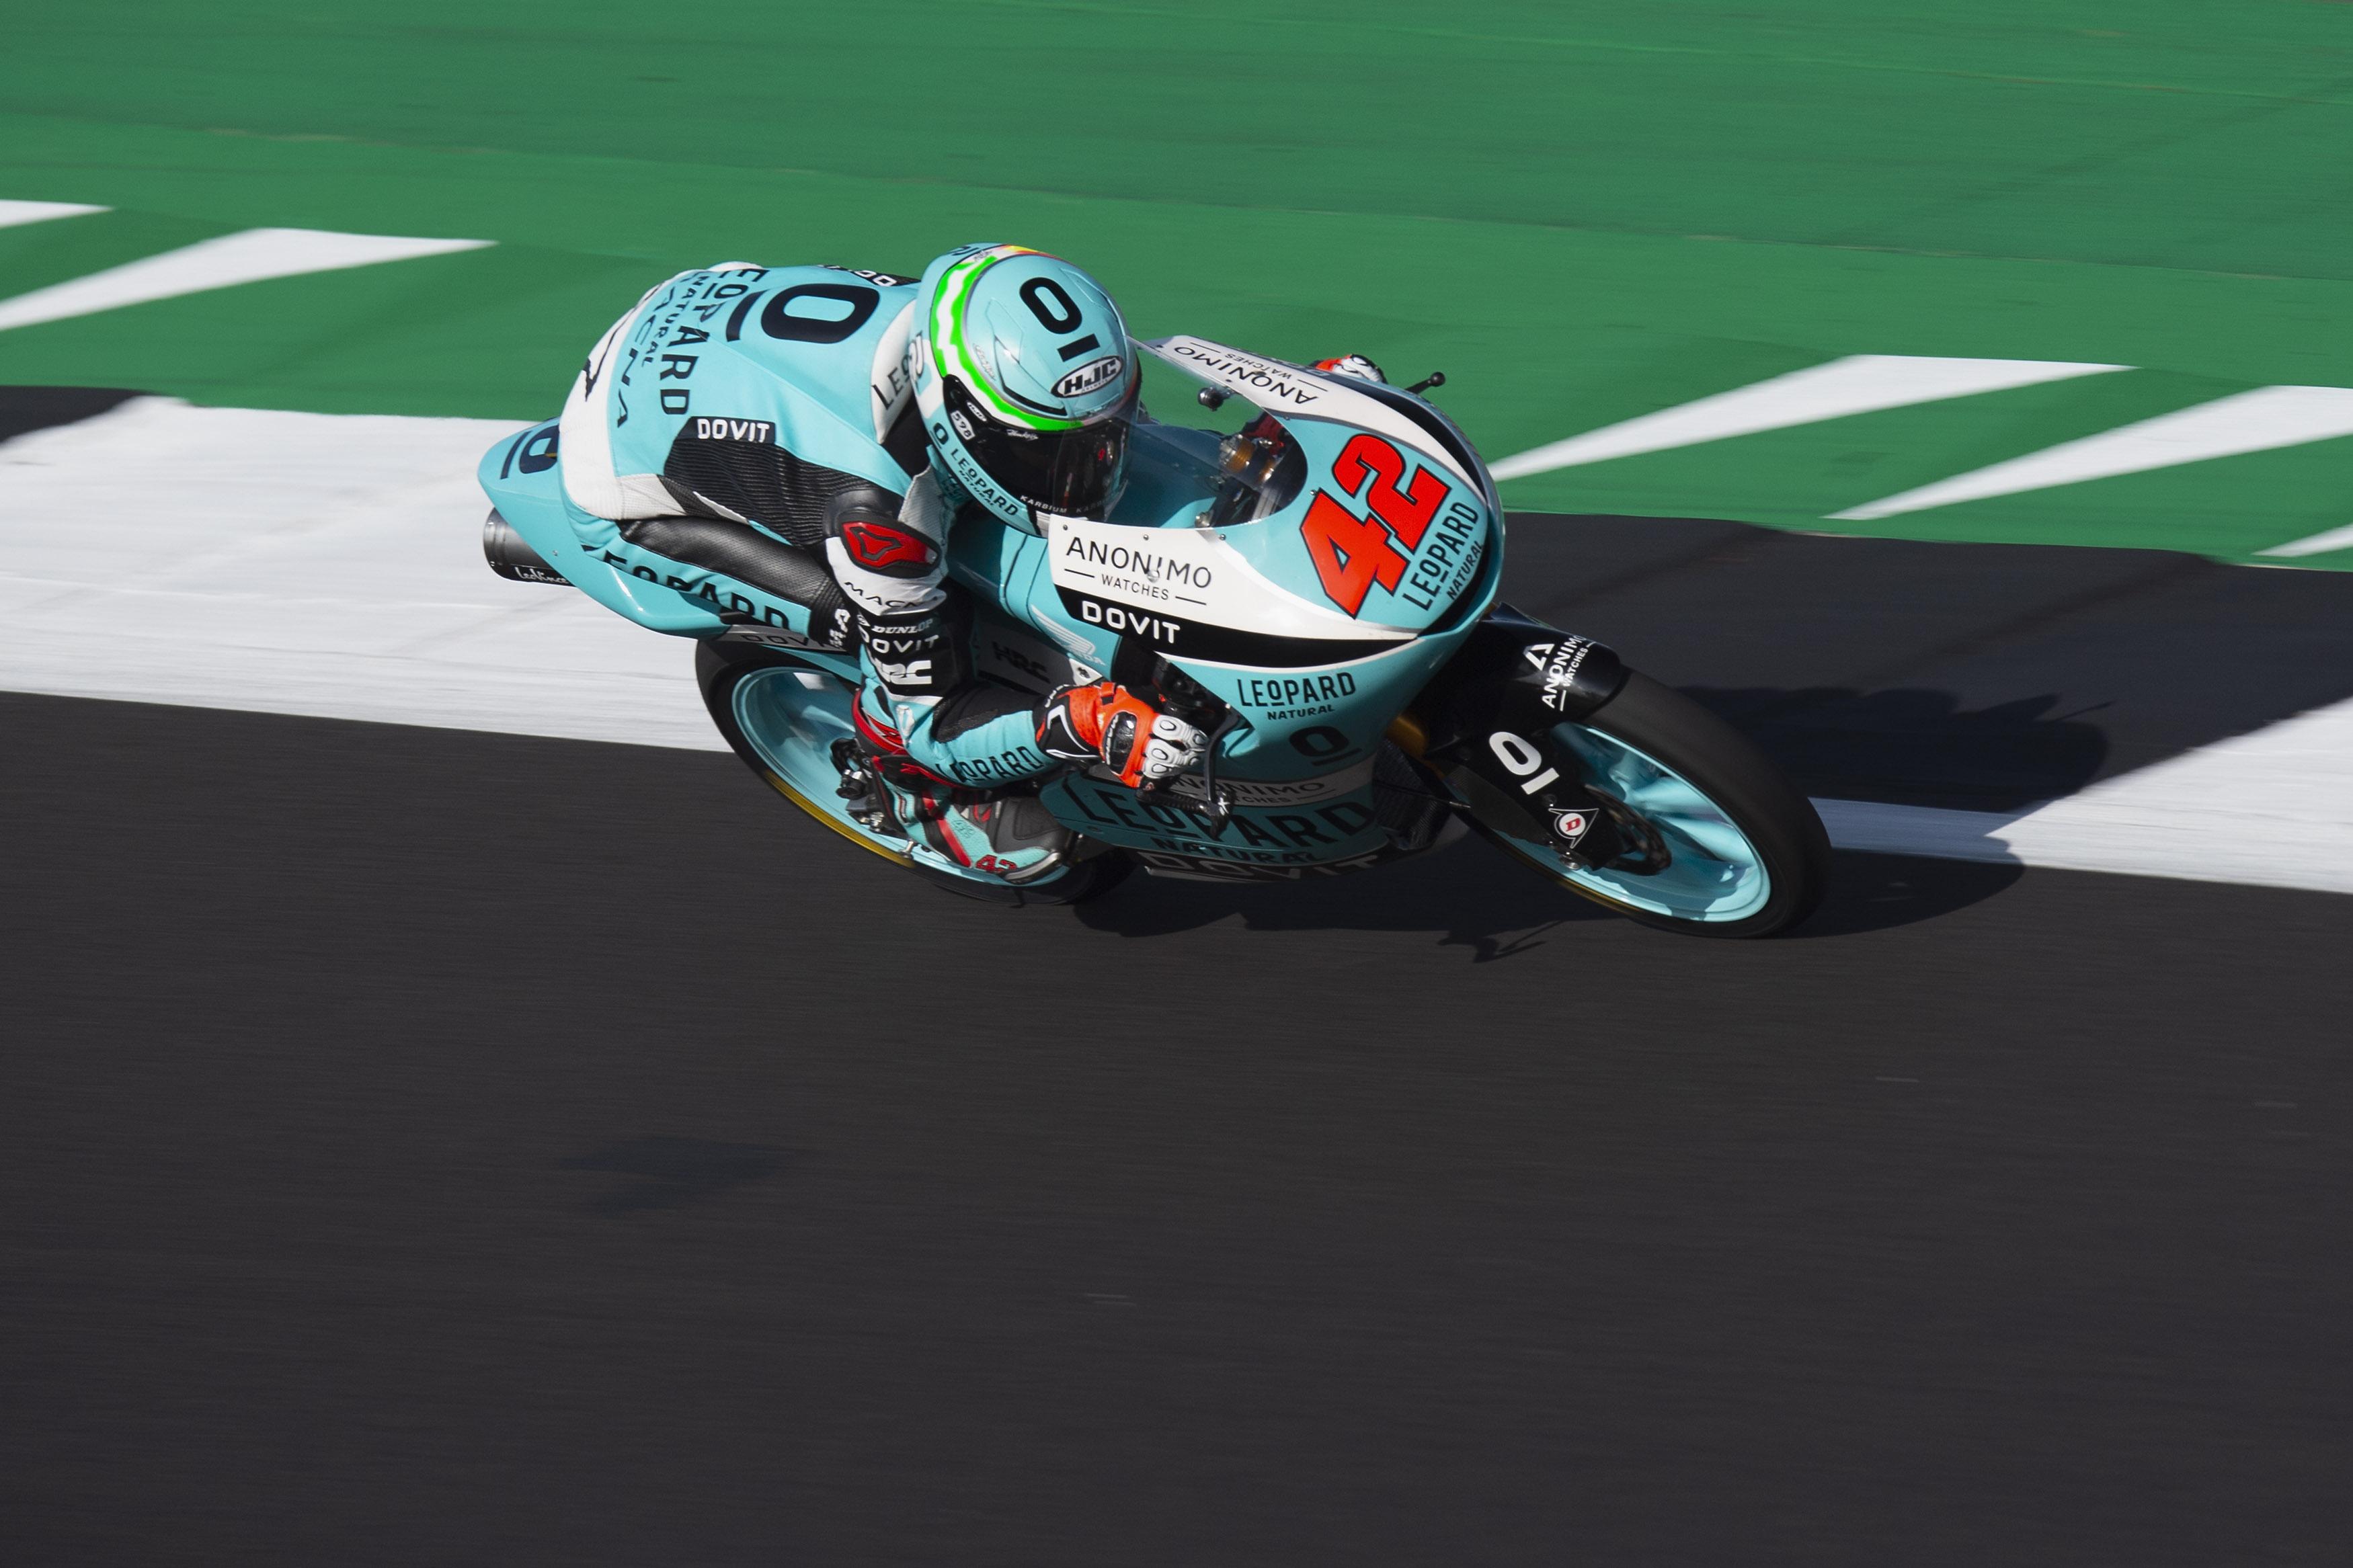 Marcos Ramírez gana su segunda carrera en un día mágico para el Leopard Racing